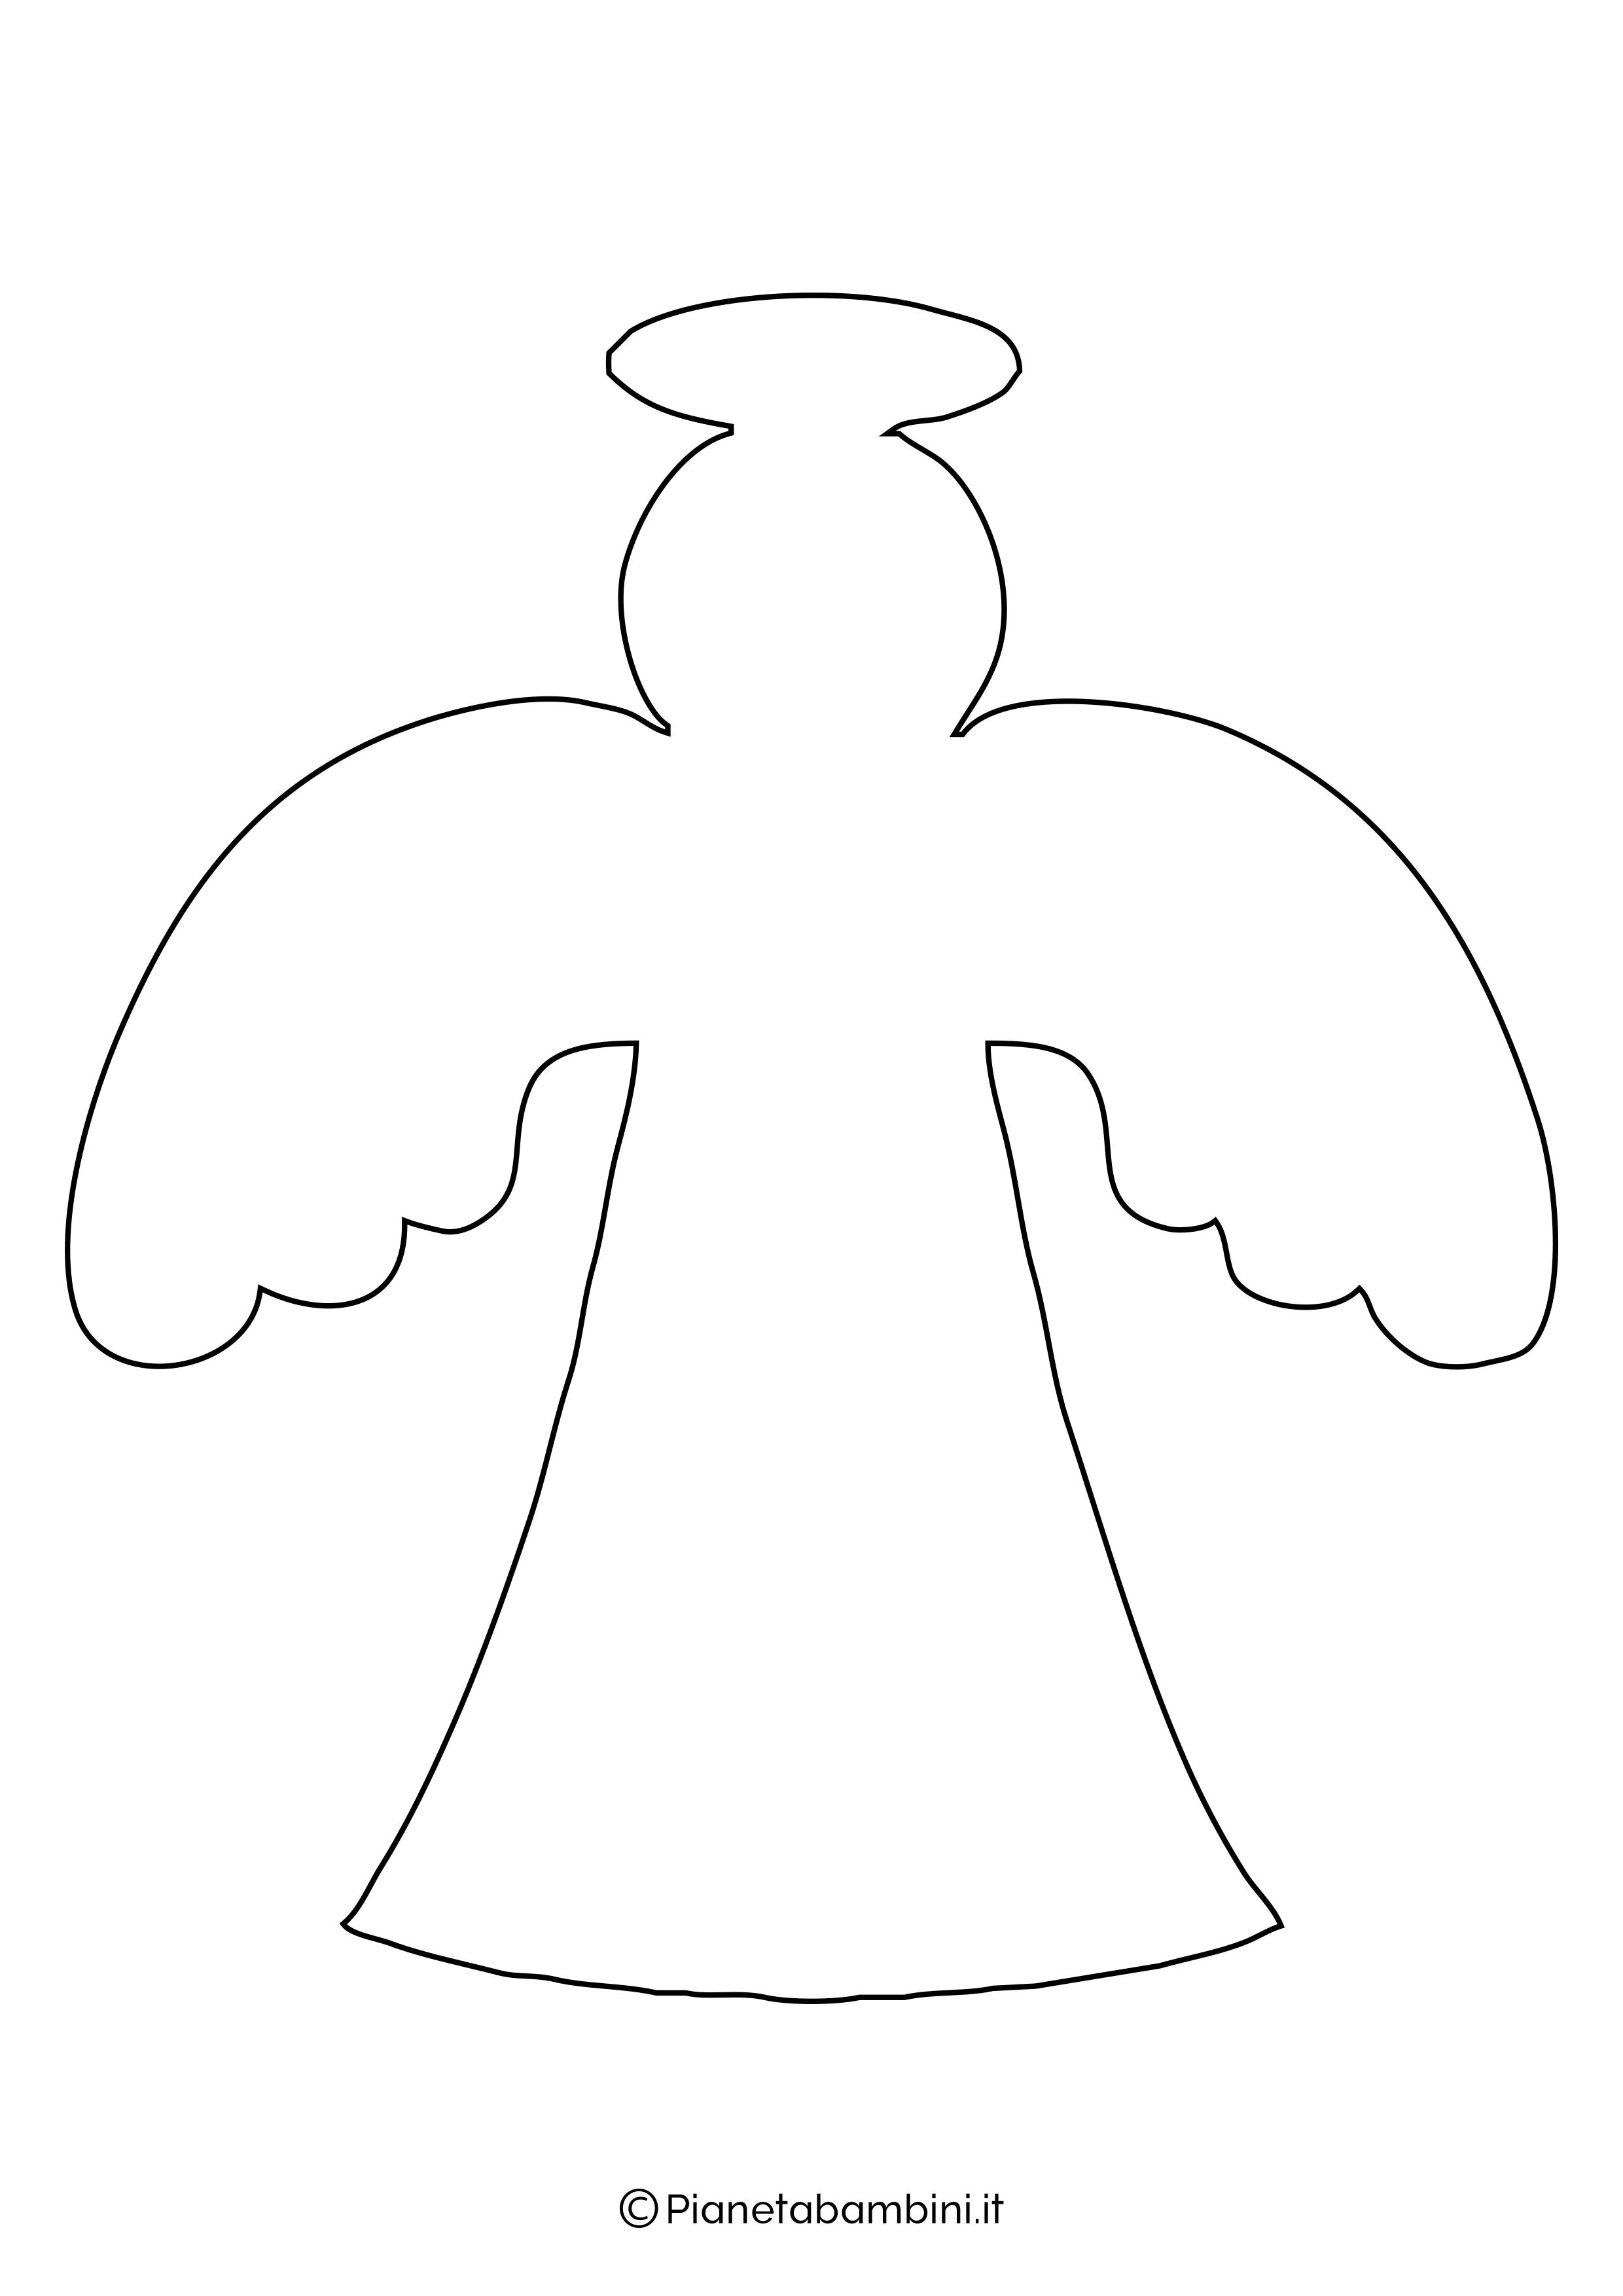 Sagoma angelo da stampare 22